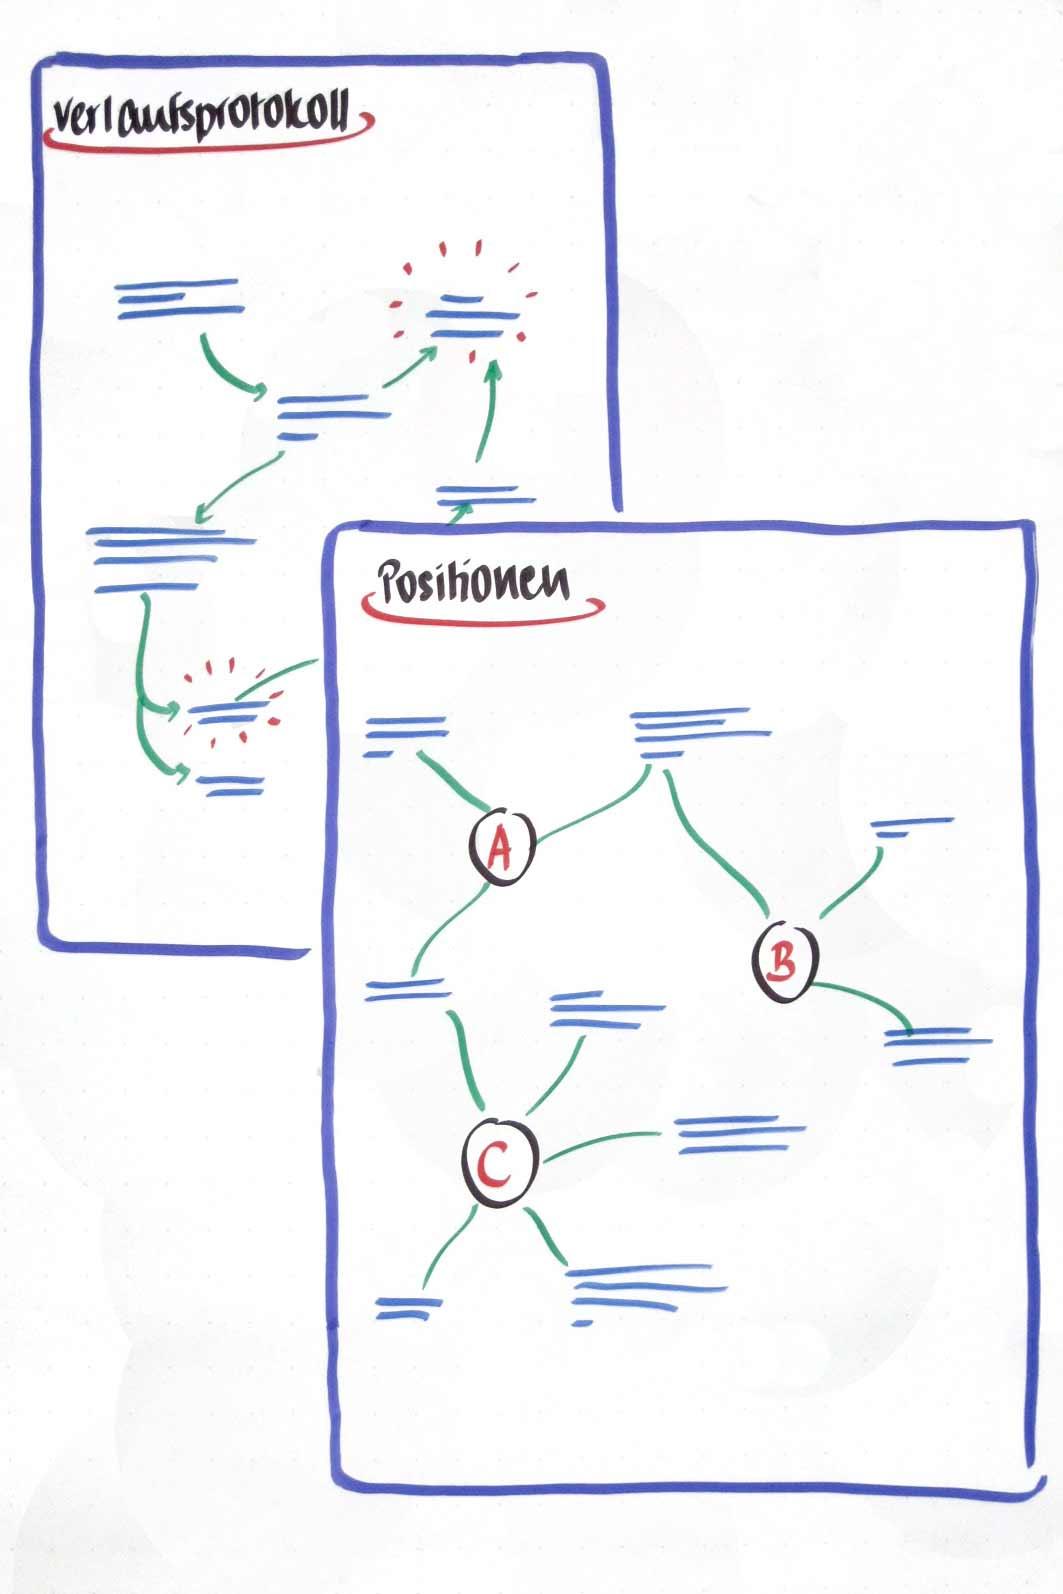 Agile-Gesprächsführung-Grafik3